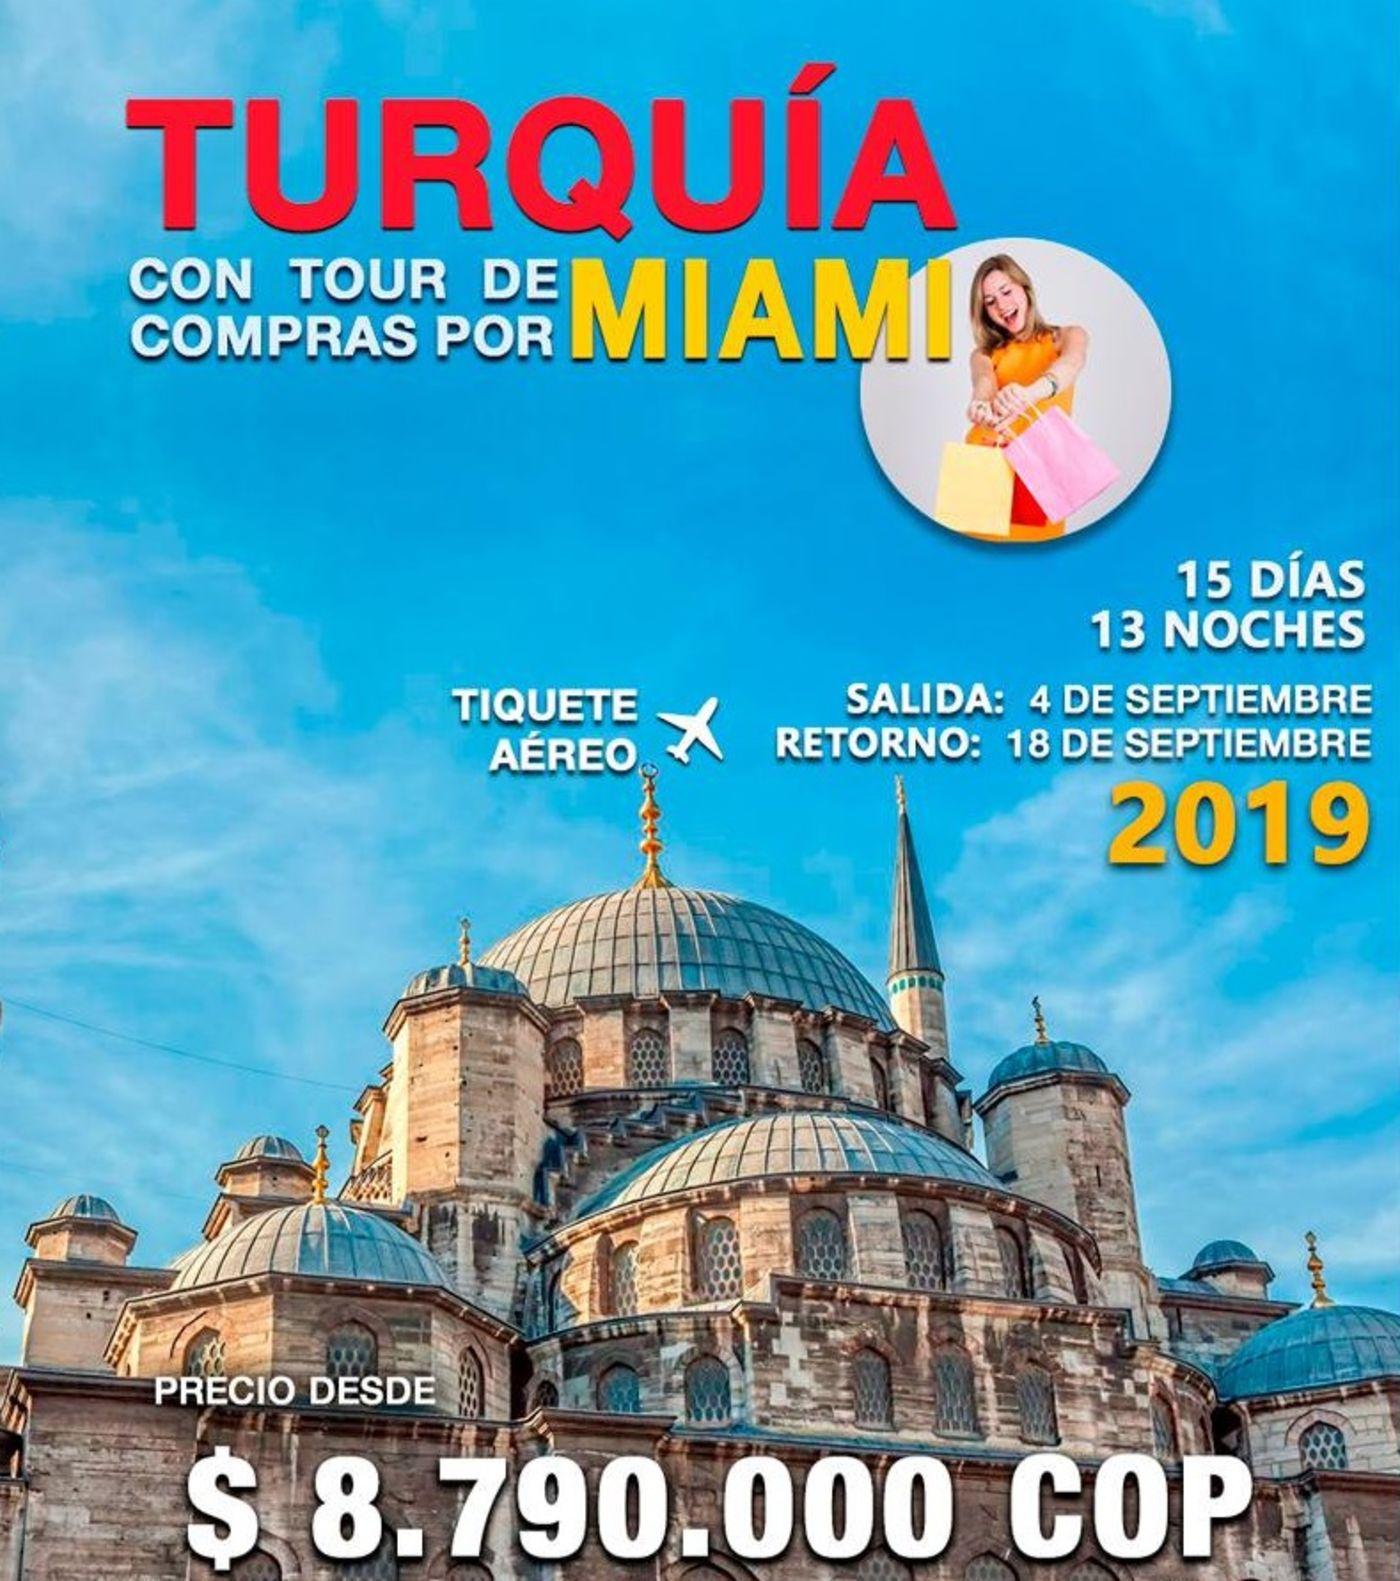 TURQUIA CON TOUR DE COMPRAS POR MIAMI – INCLUYE TIQUETE AÉREO